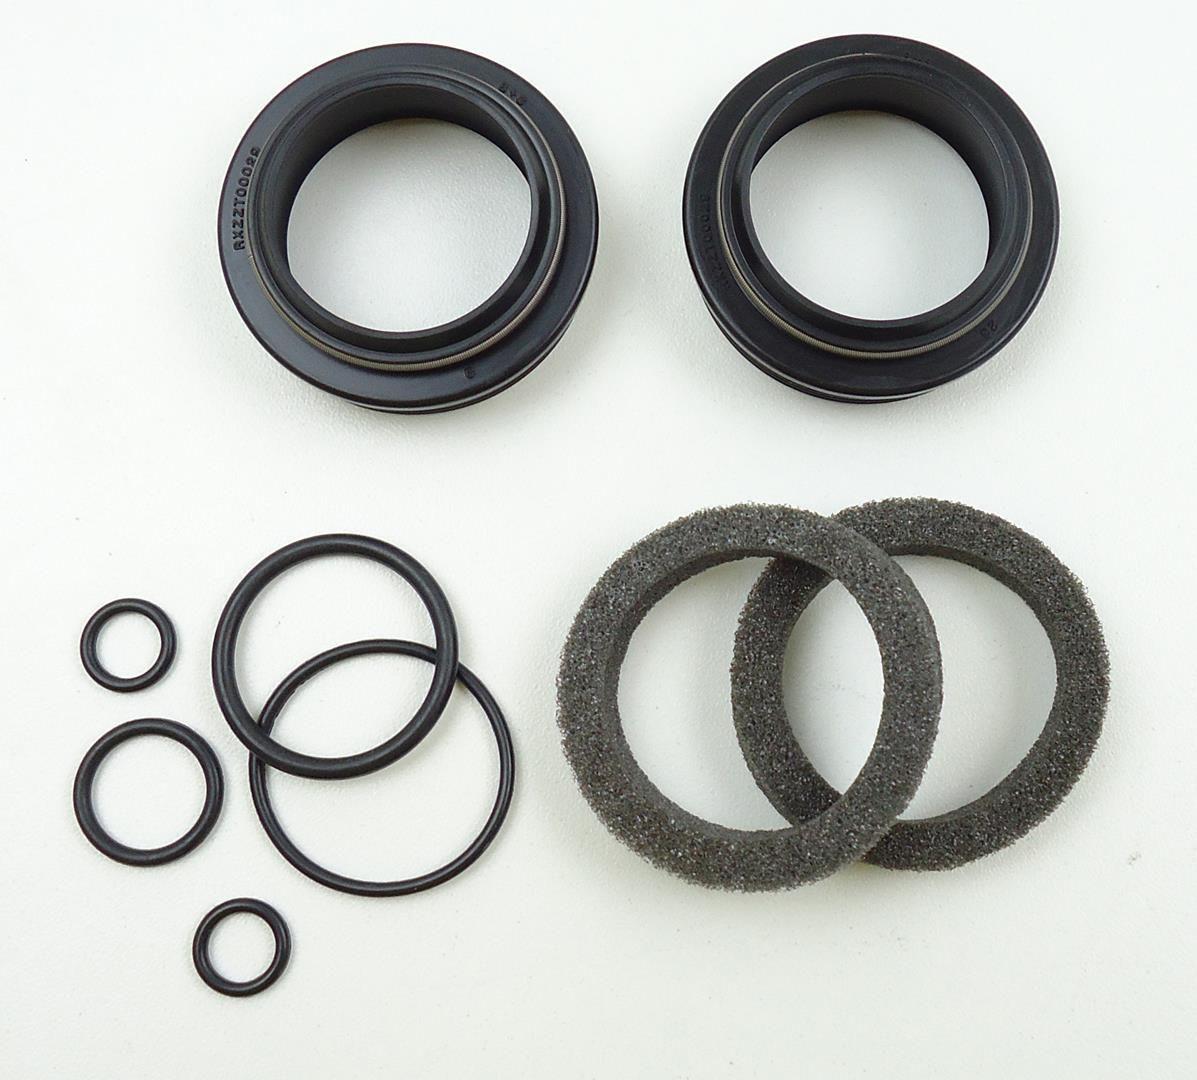 Kit De Retentores Compatíveis Para Suspensões Fox Rock Shox Reba Sid Manitou 32mm